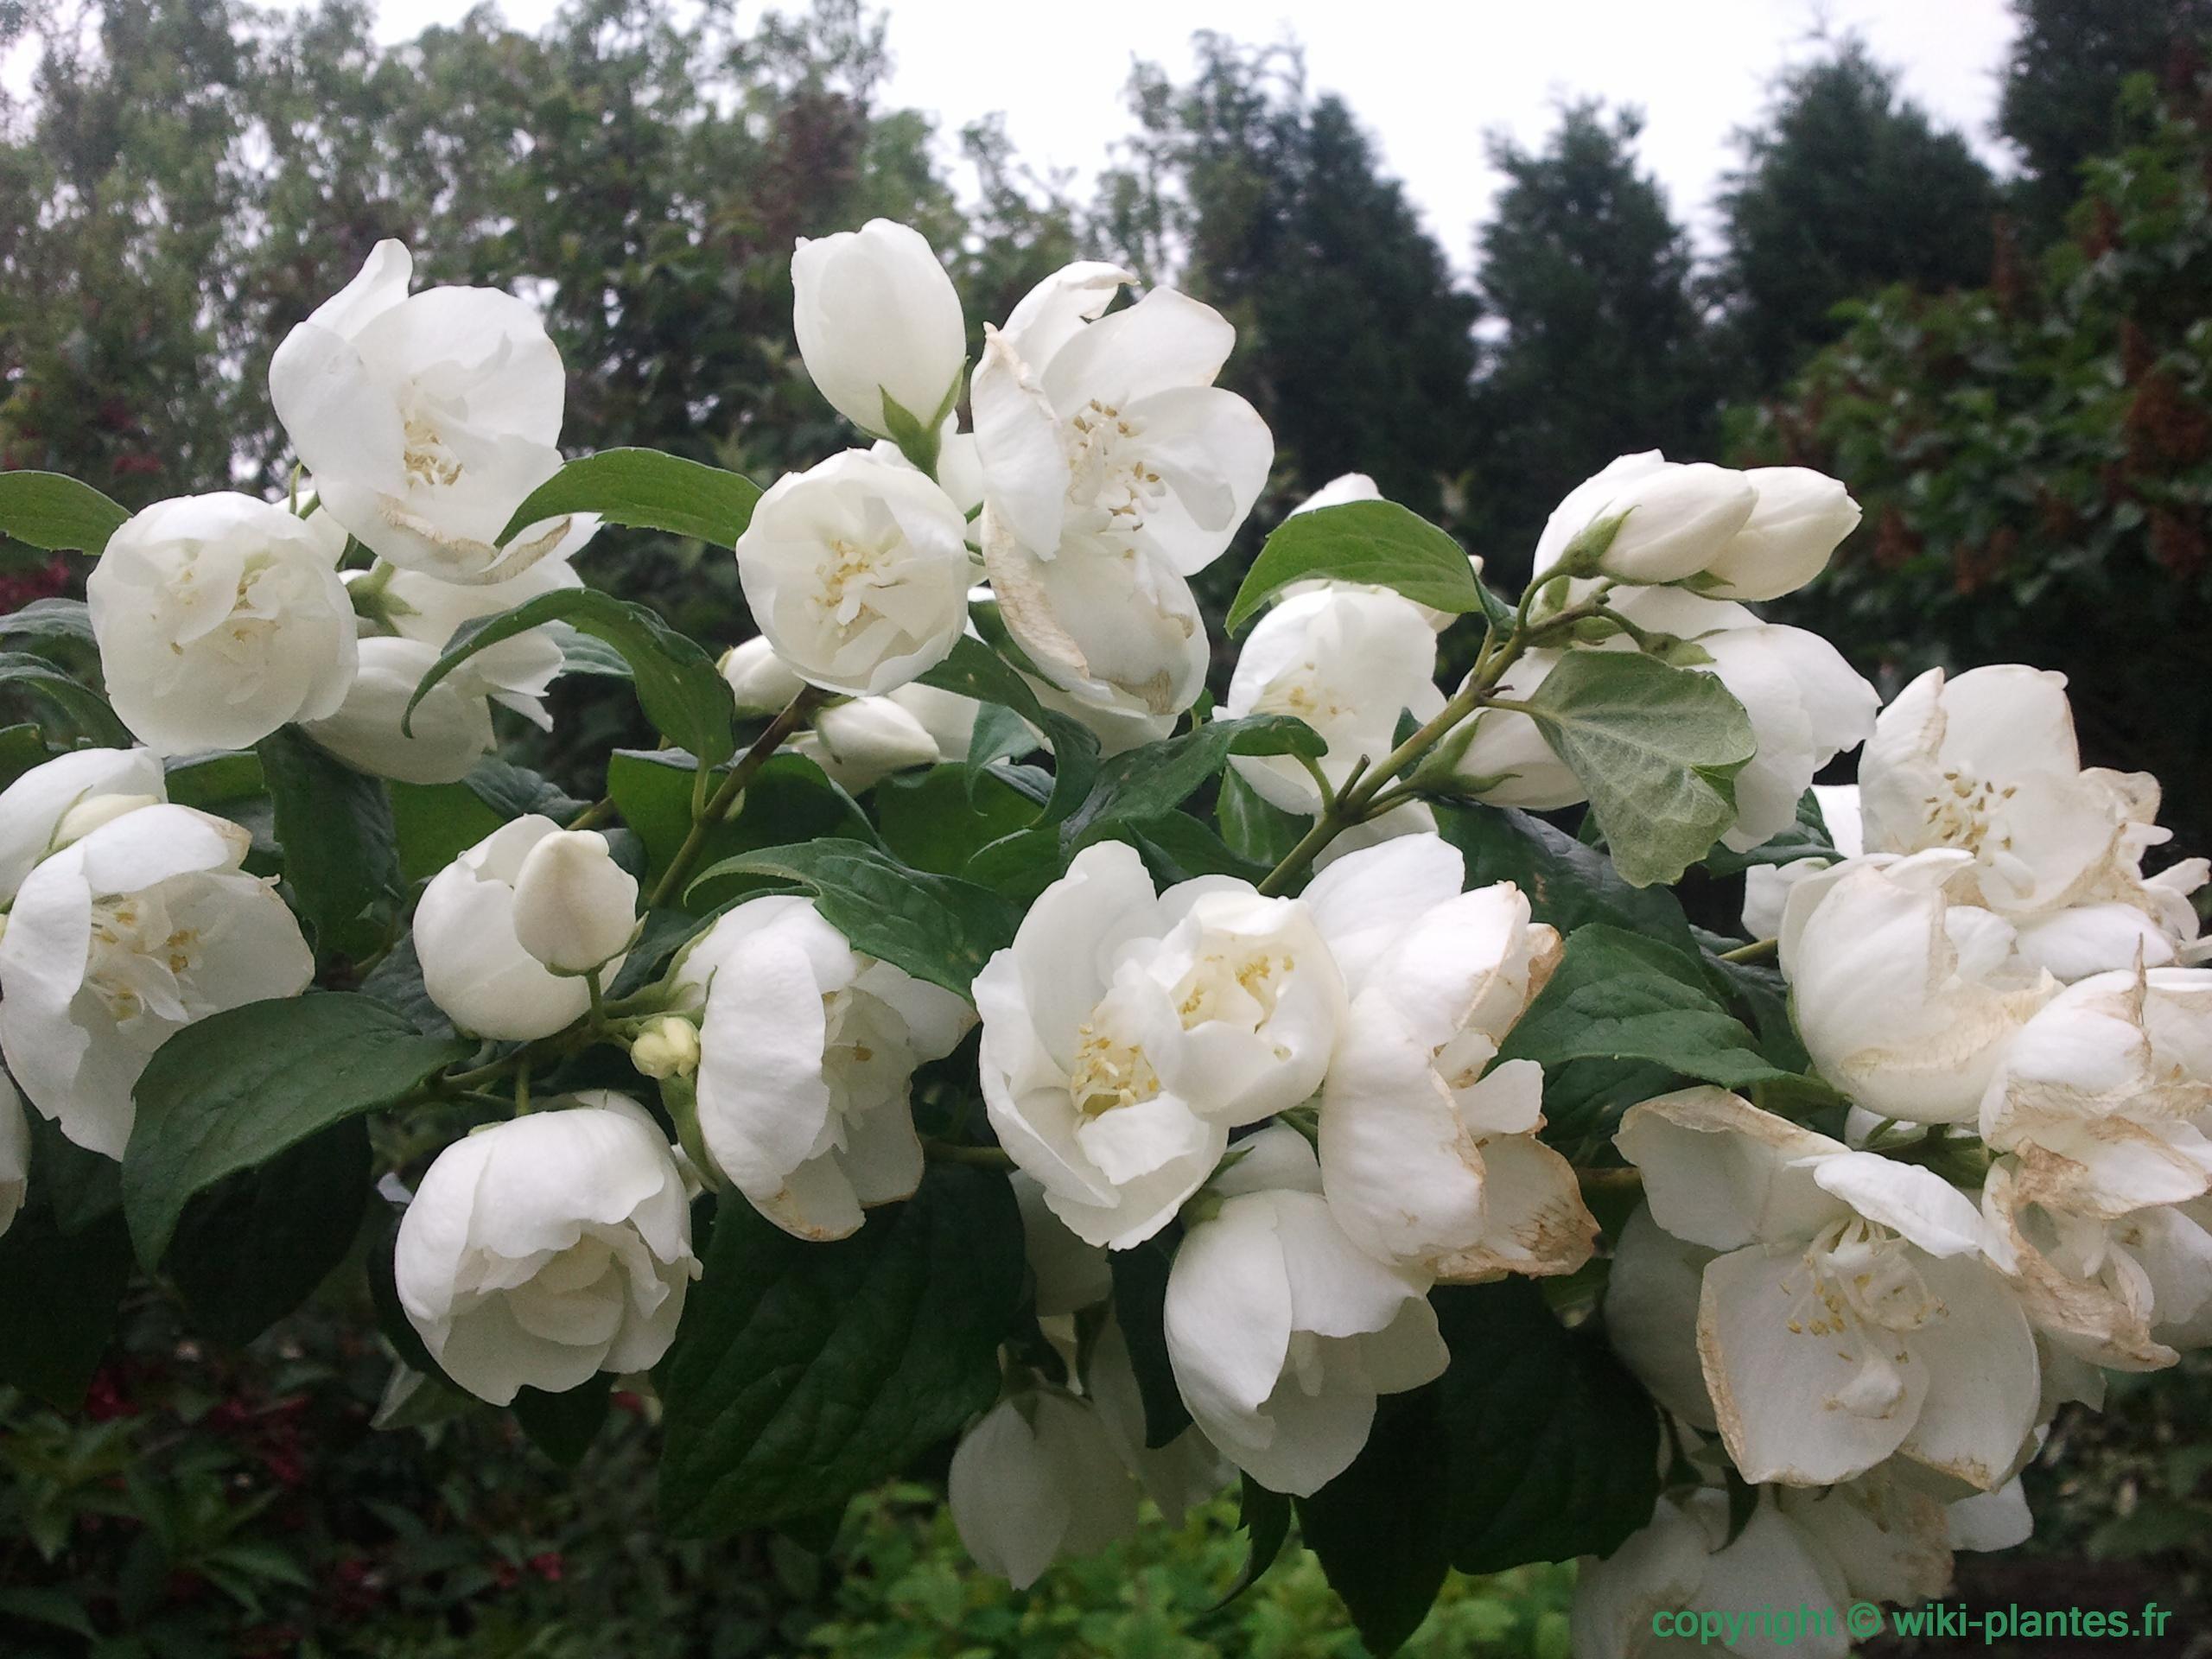 fleur de philadelphus seringat fleurs pinterest h misph re nord jasmin et fleurs blanches. Black Bedroom Furniture Sets. Home Design Ideas